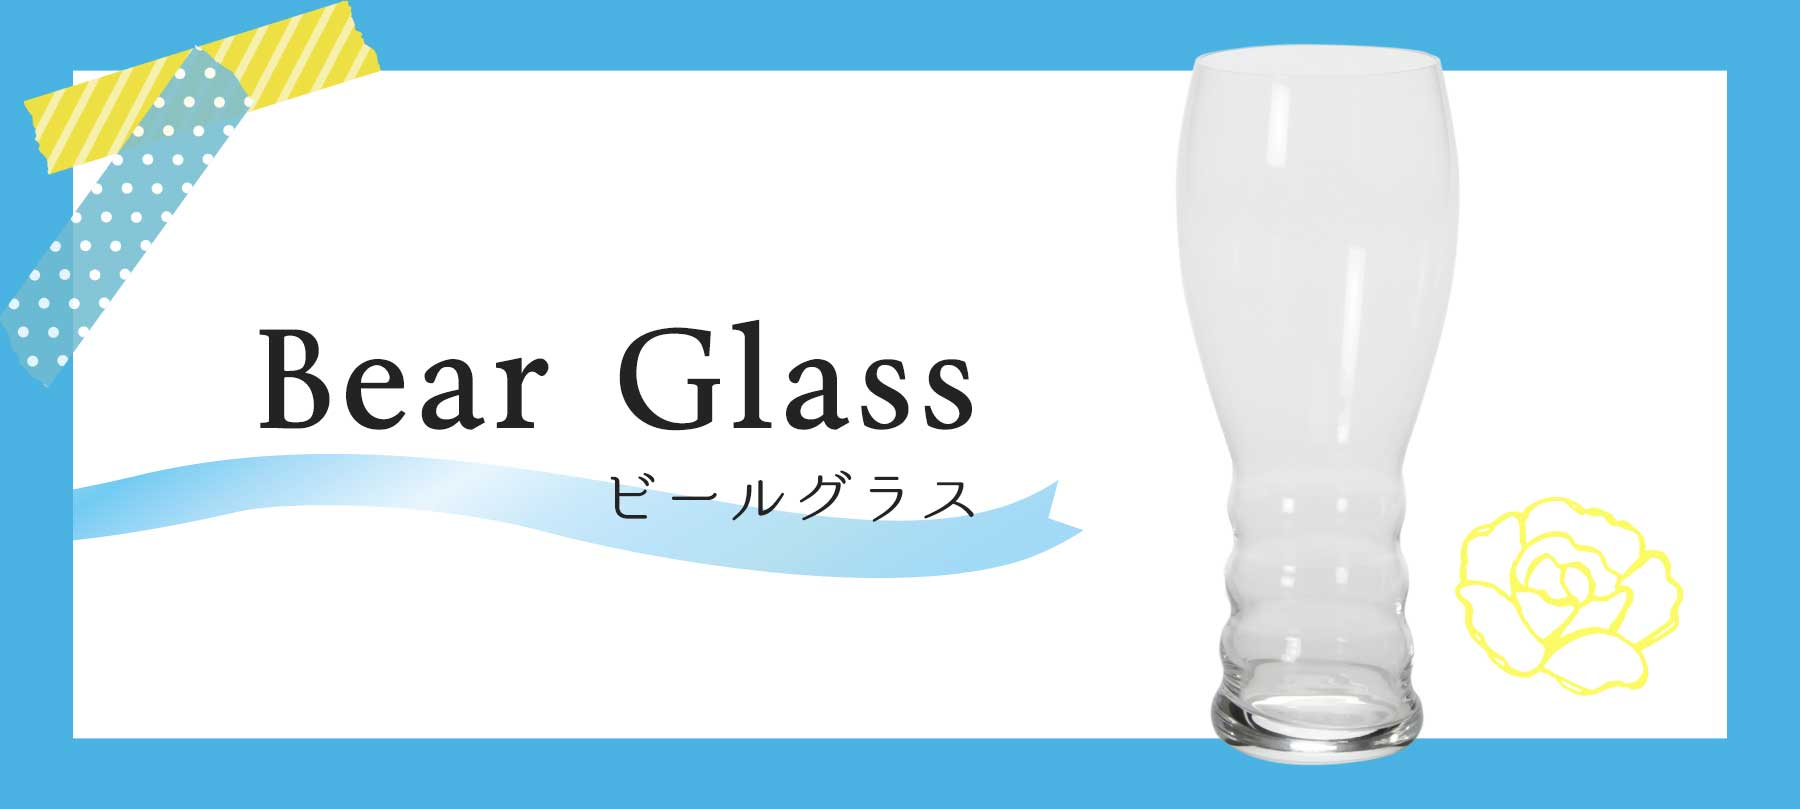 ビールグラス